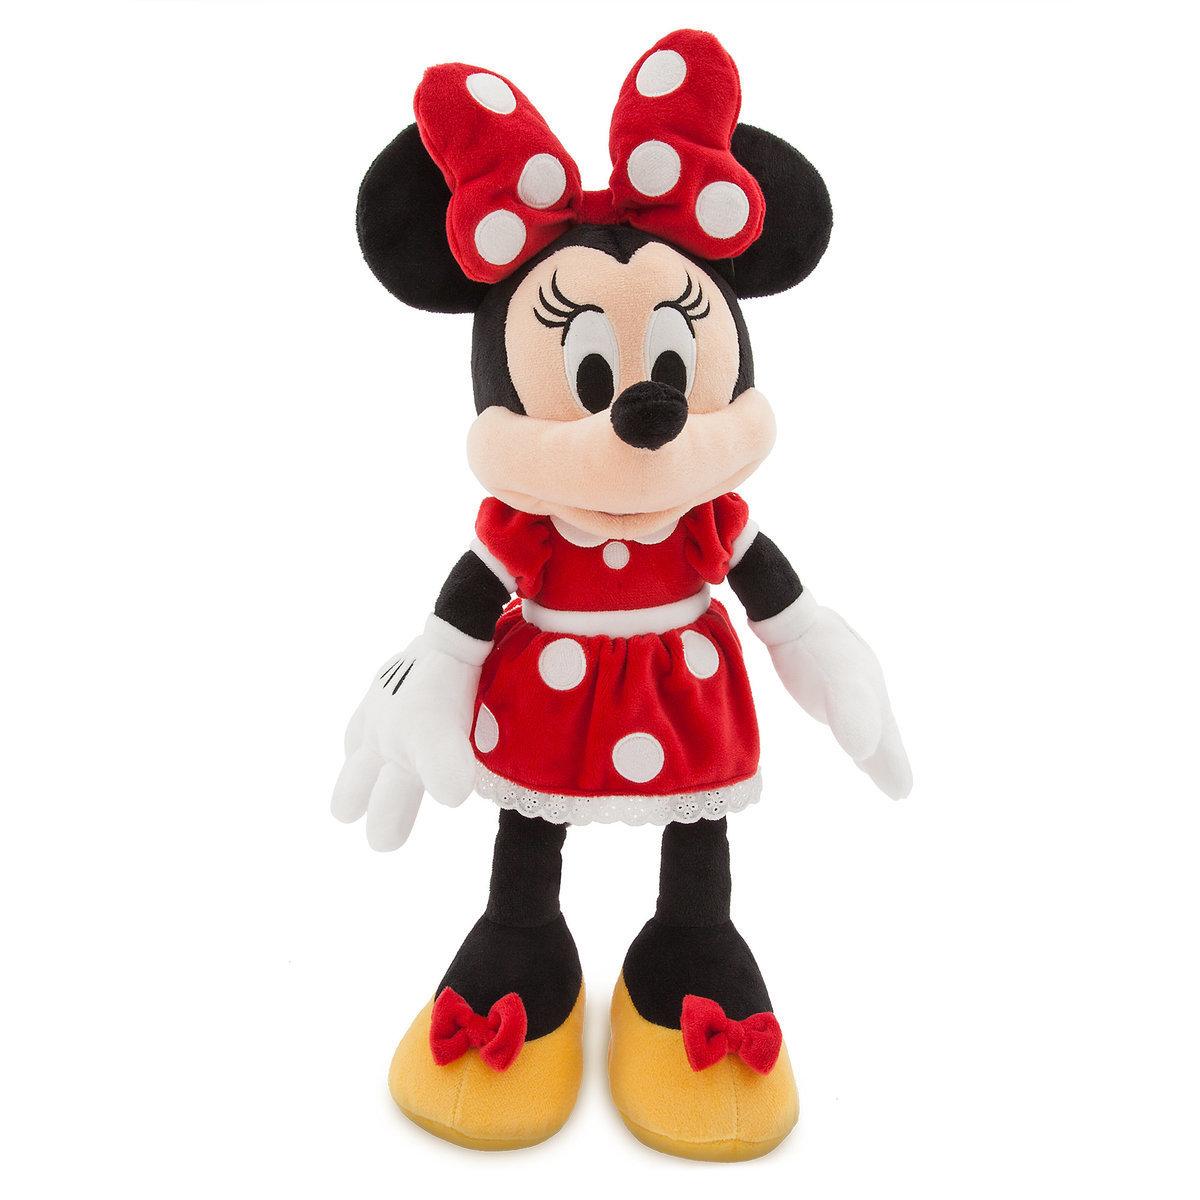 Мягкая игрушка «Минни Маус Красная» 45 см